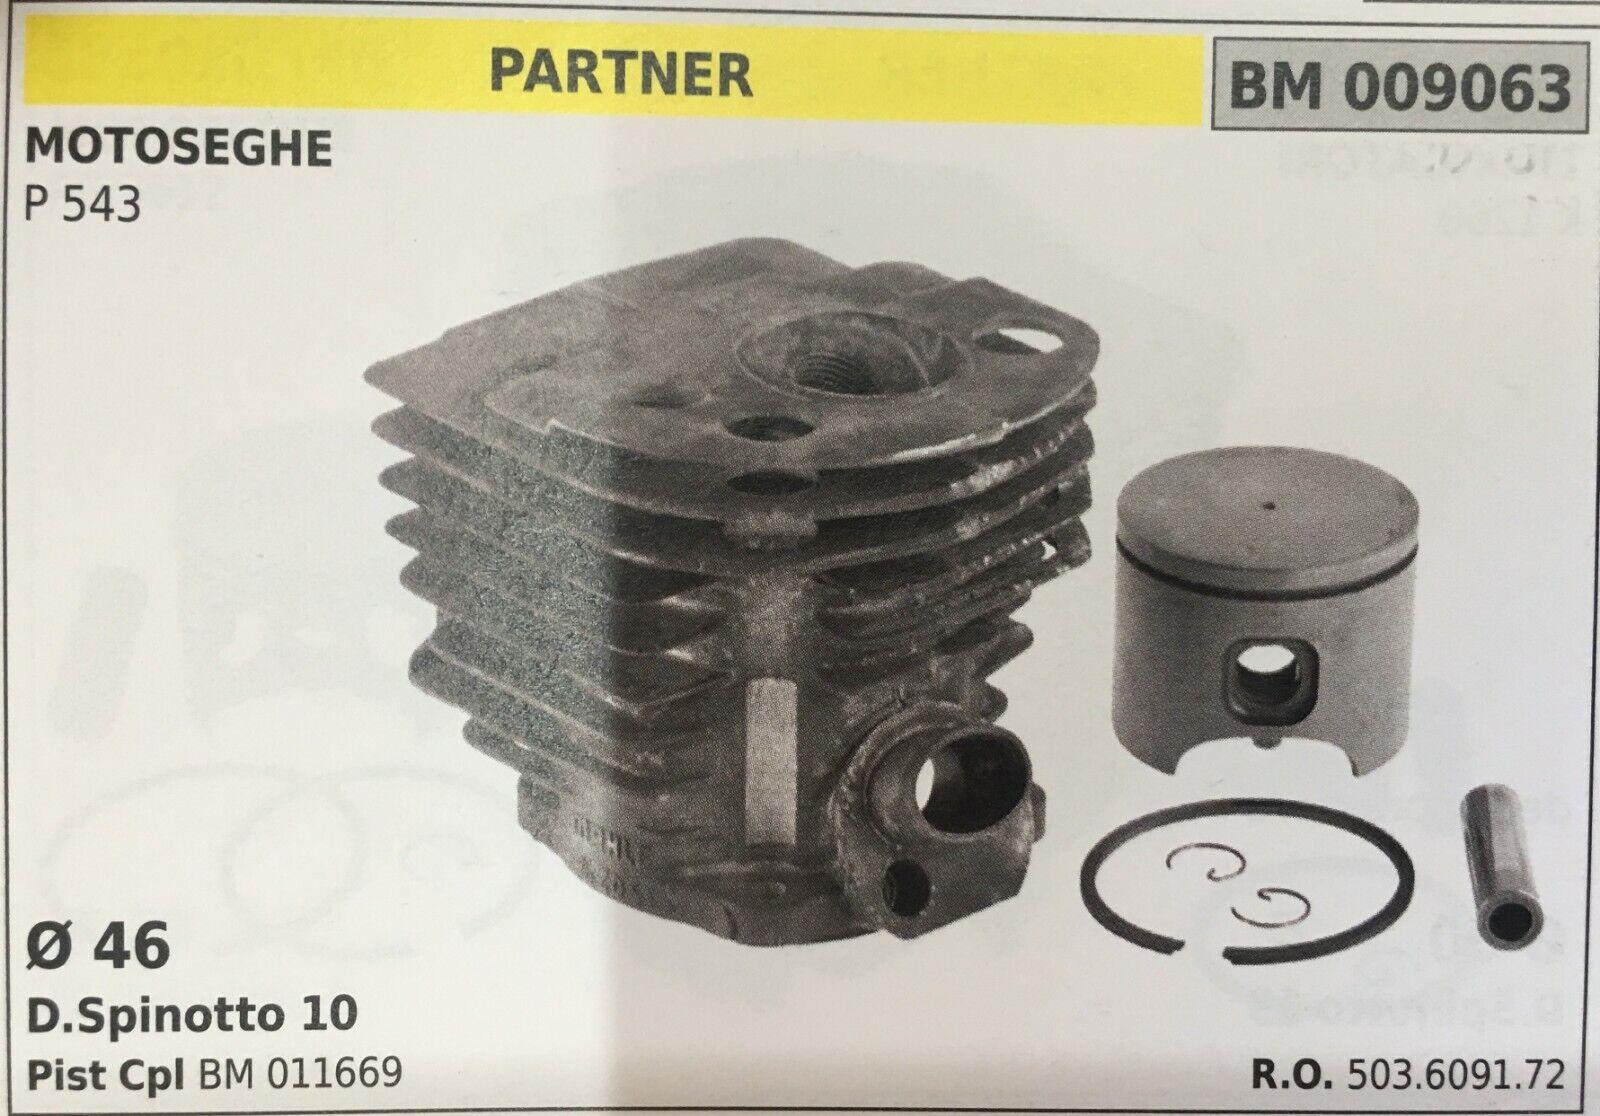 Cilindro Completo por Pistón y Segmentos Brumar BM009063 Partner